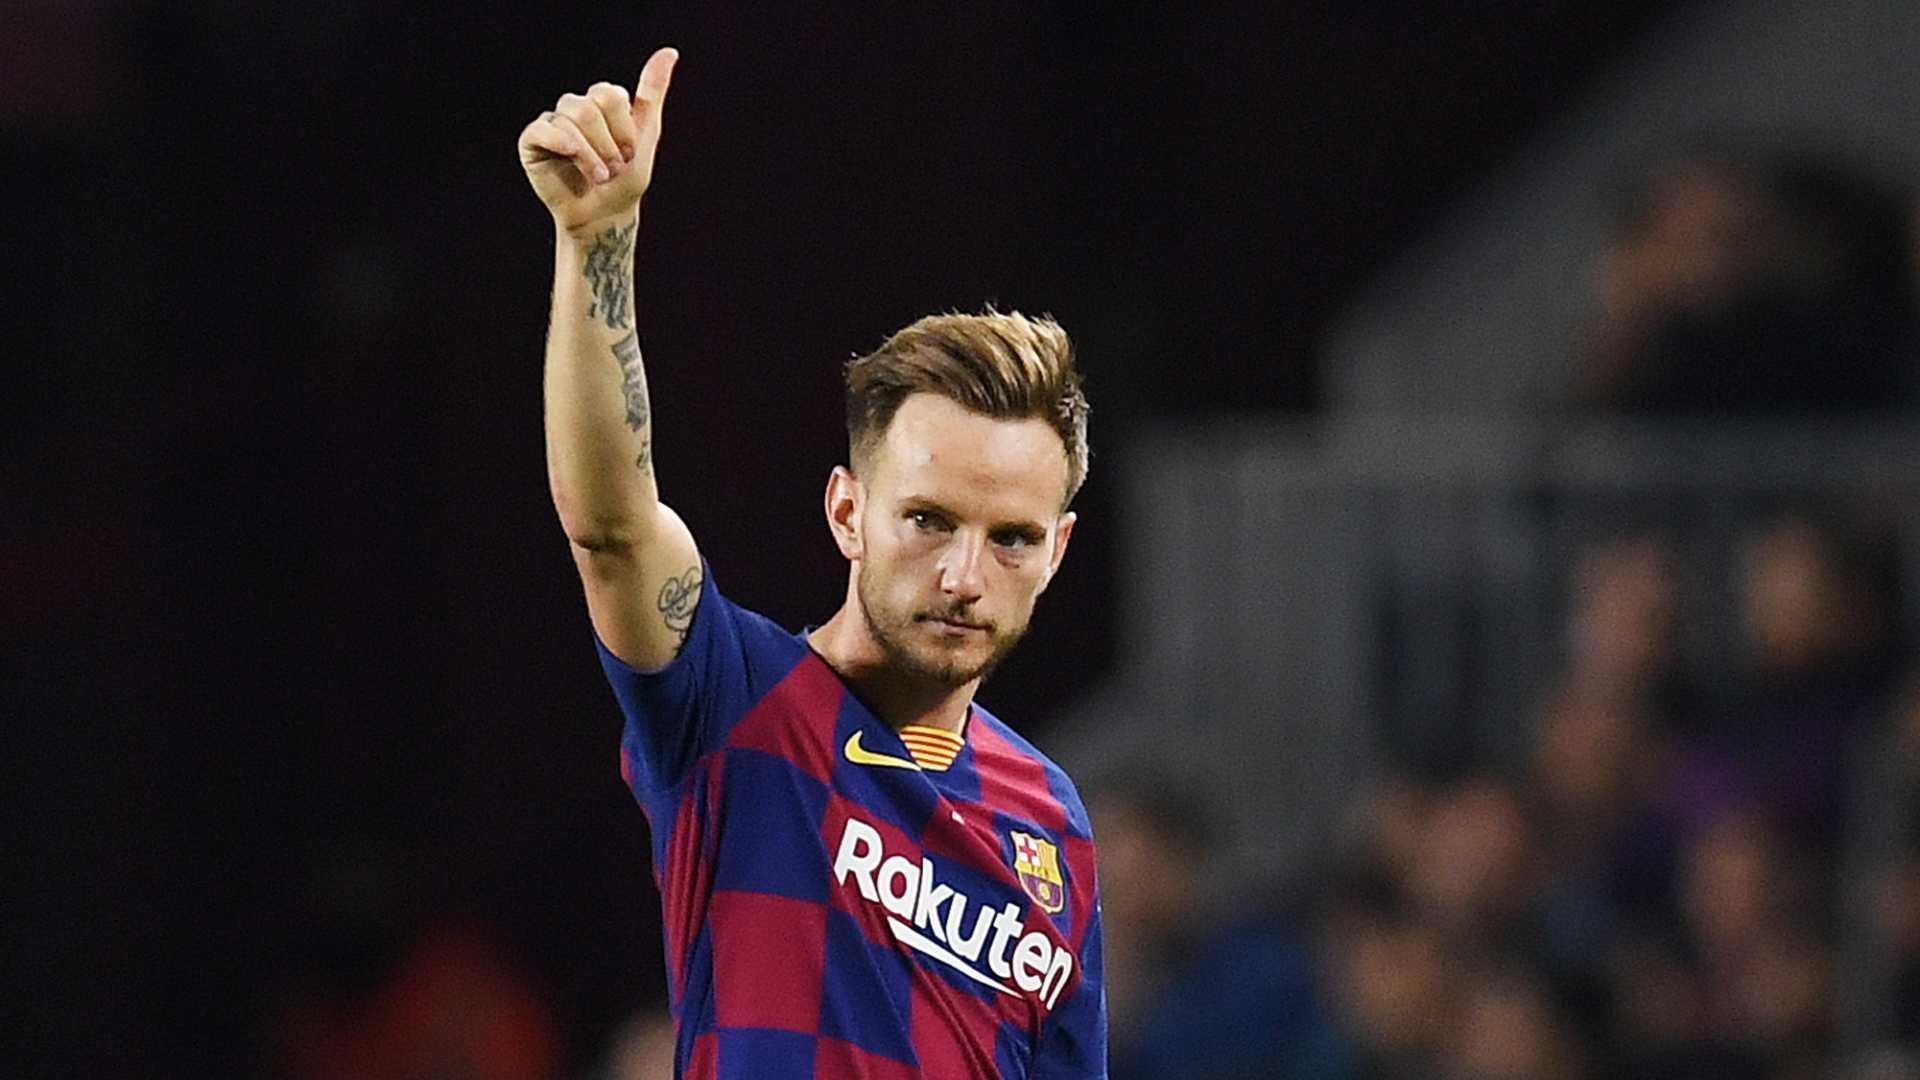 Calciomercato Barça: Rakitic sempre più lontano dalla conferma